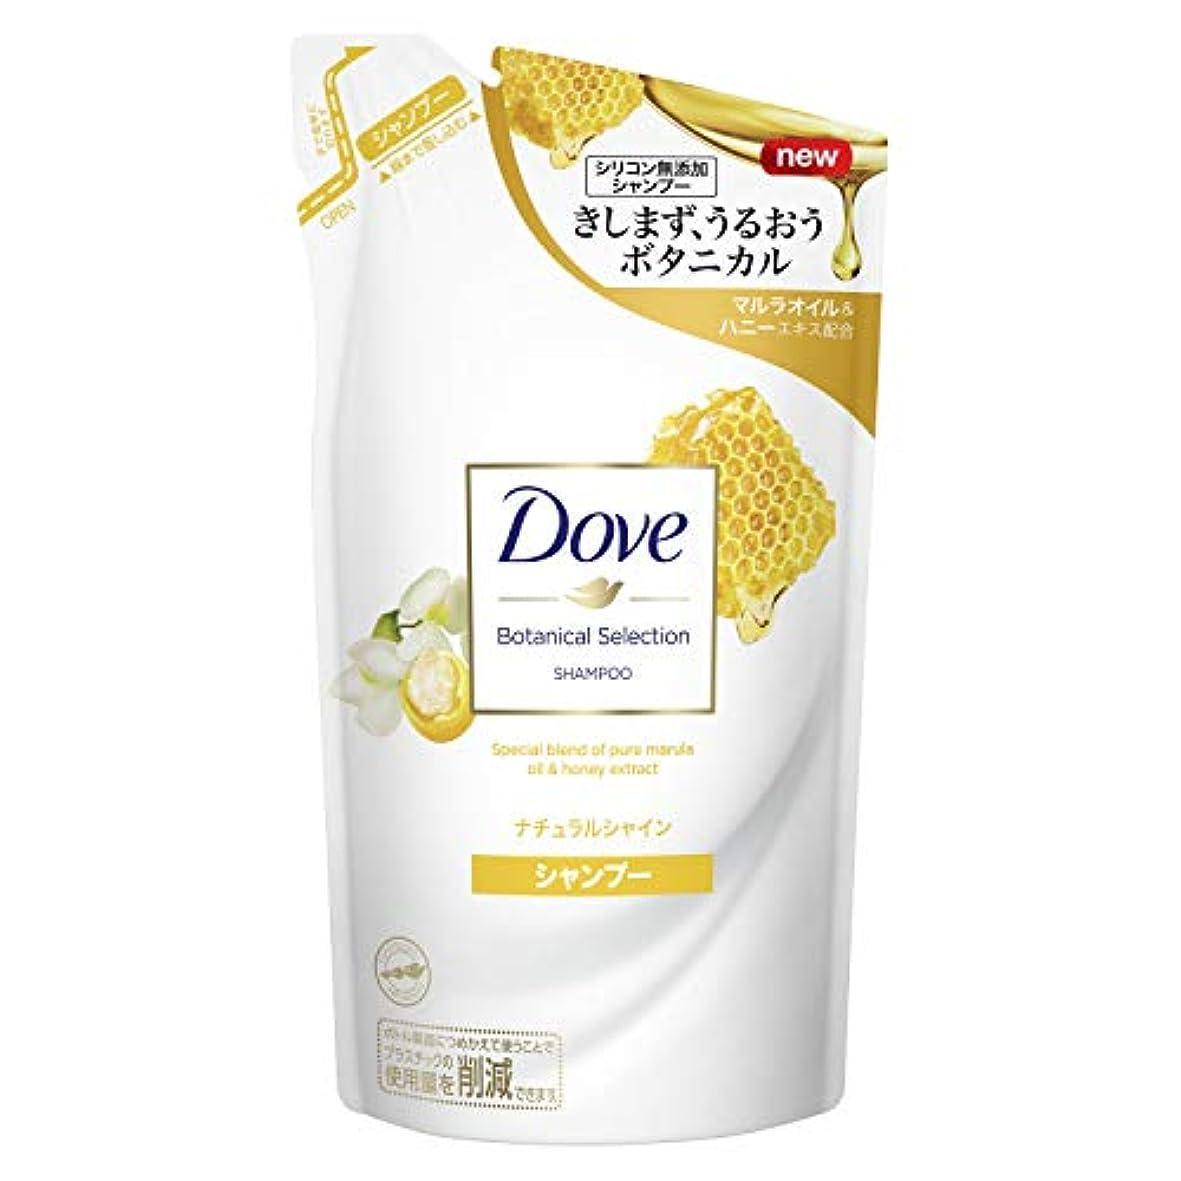 温かいジュニアひどくDove(ダヴ) ダヴ ボタニカルセレクション ナチュラルシャイン シャンプー つめかえ用 350g